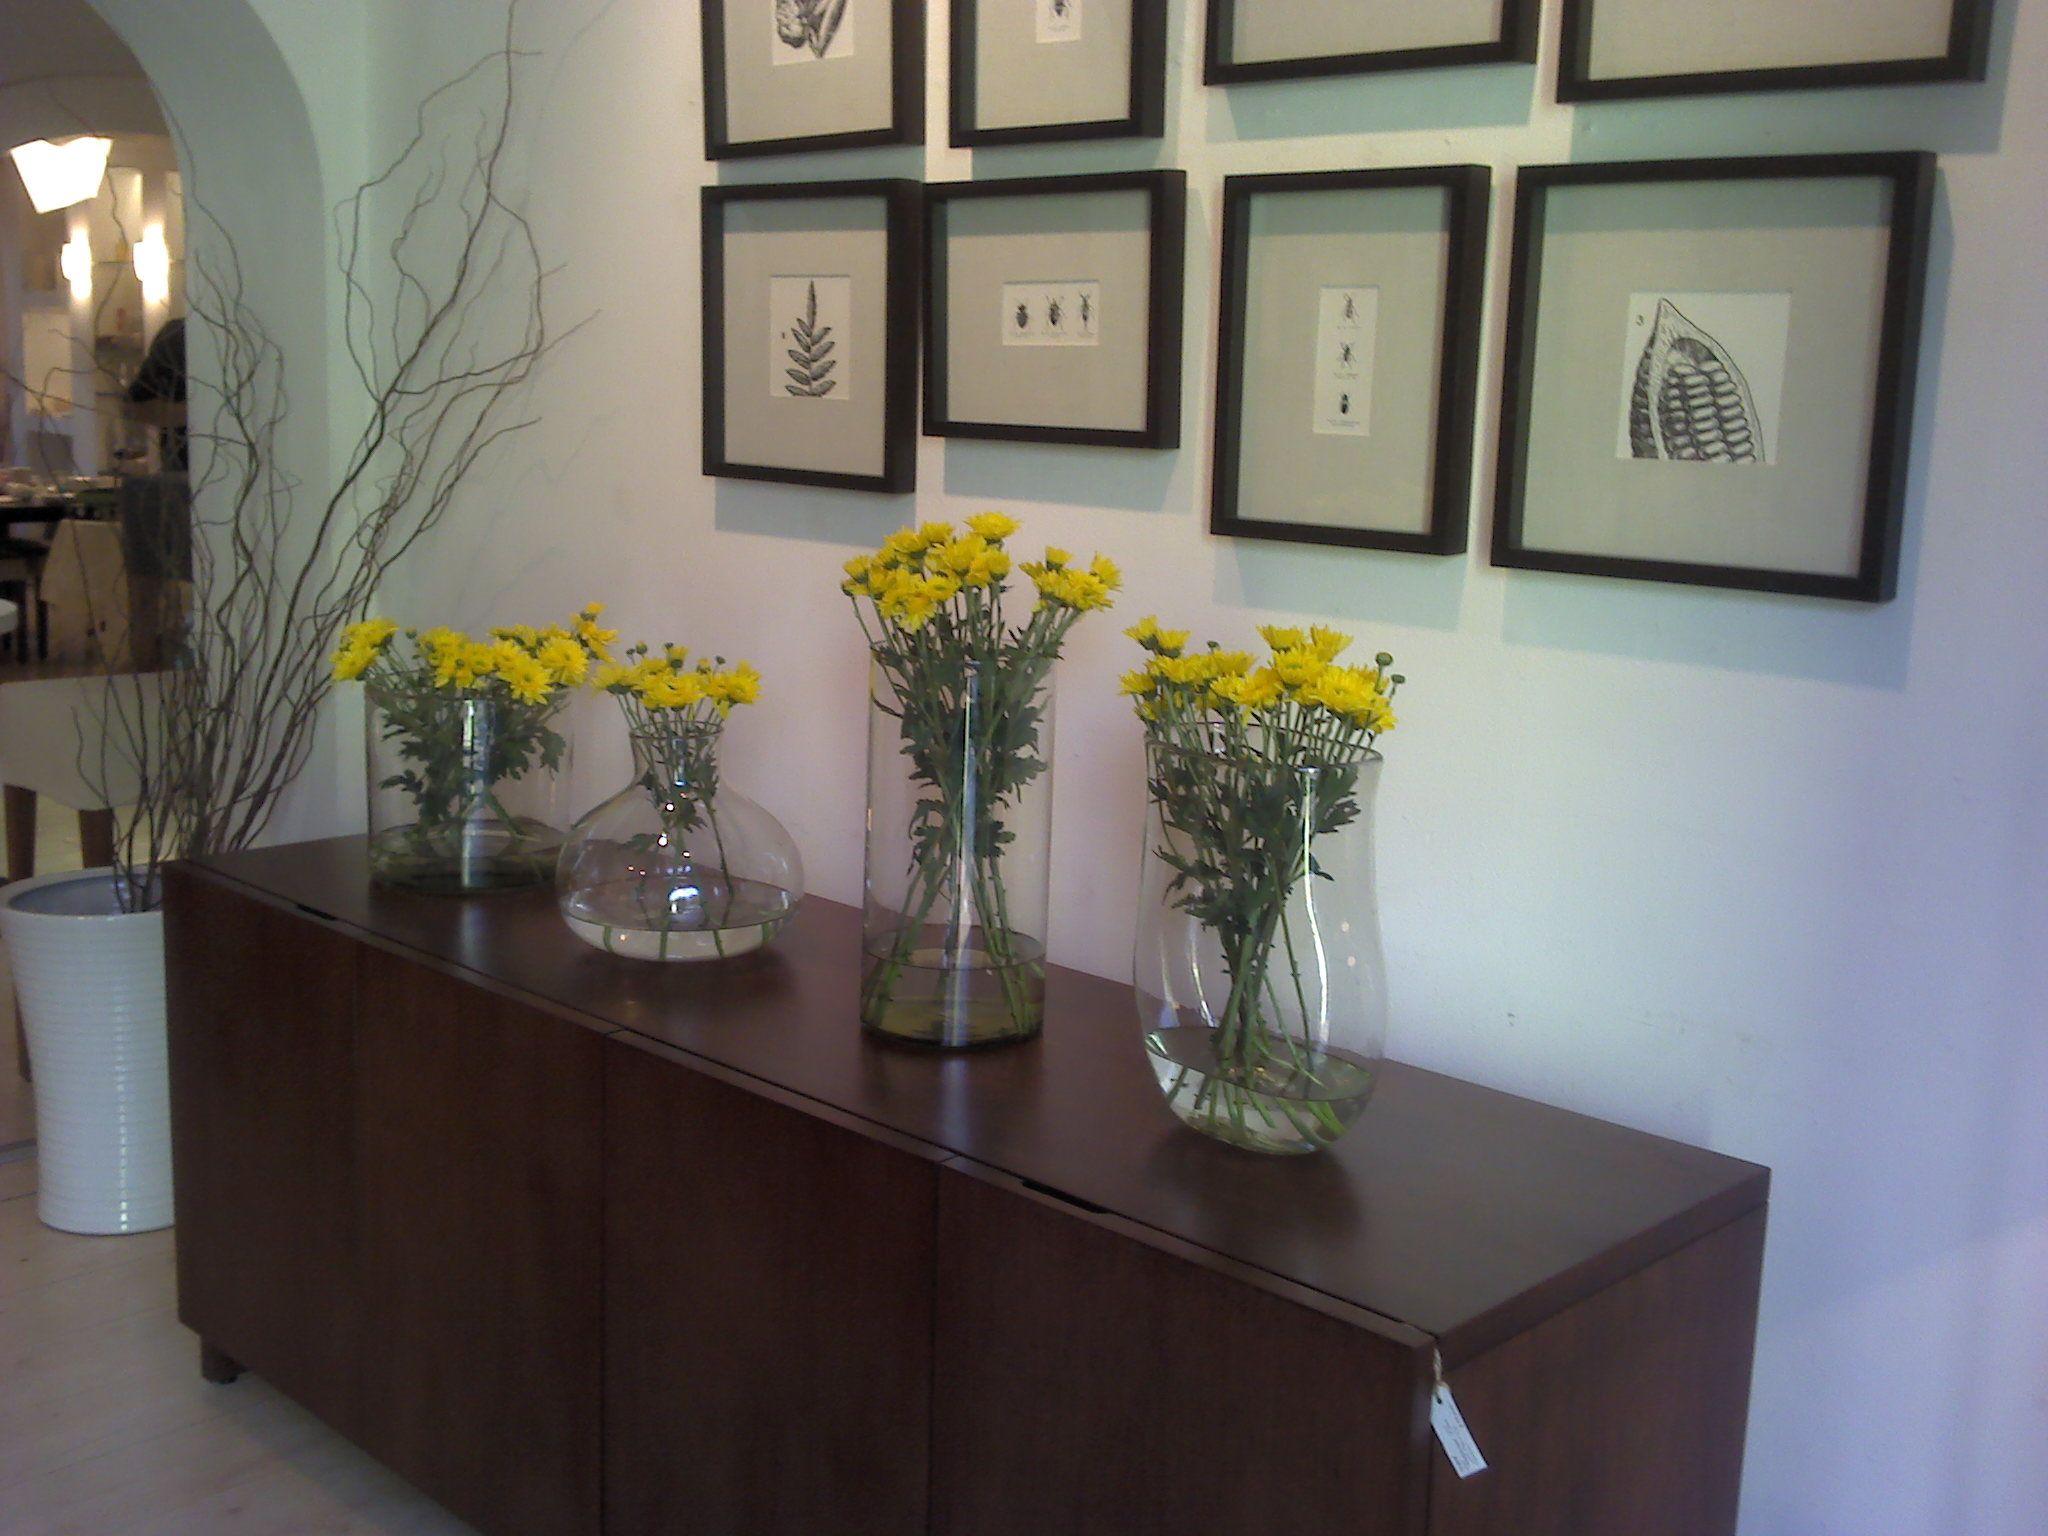 Reutiliza Los Floreros Que Te Regalan En Una Composici N Hermosa  # Muebles Lijados